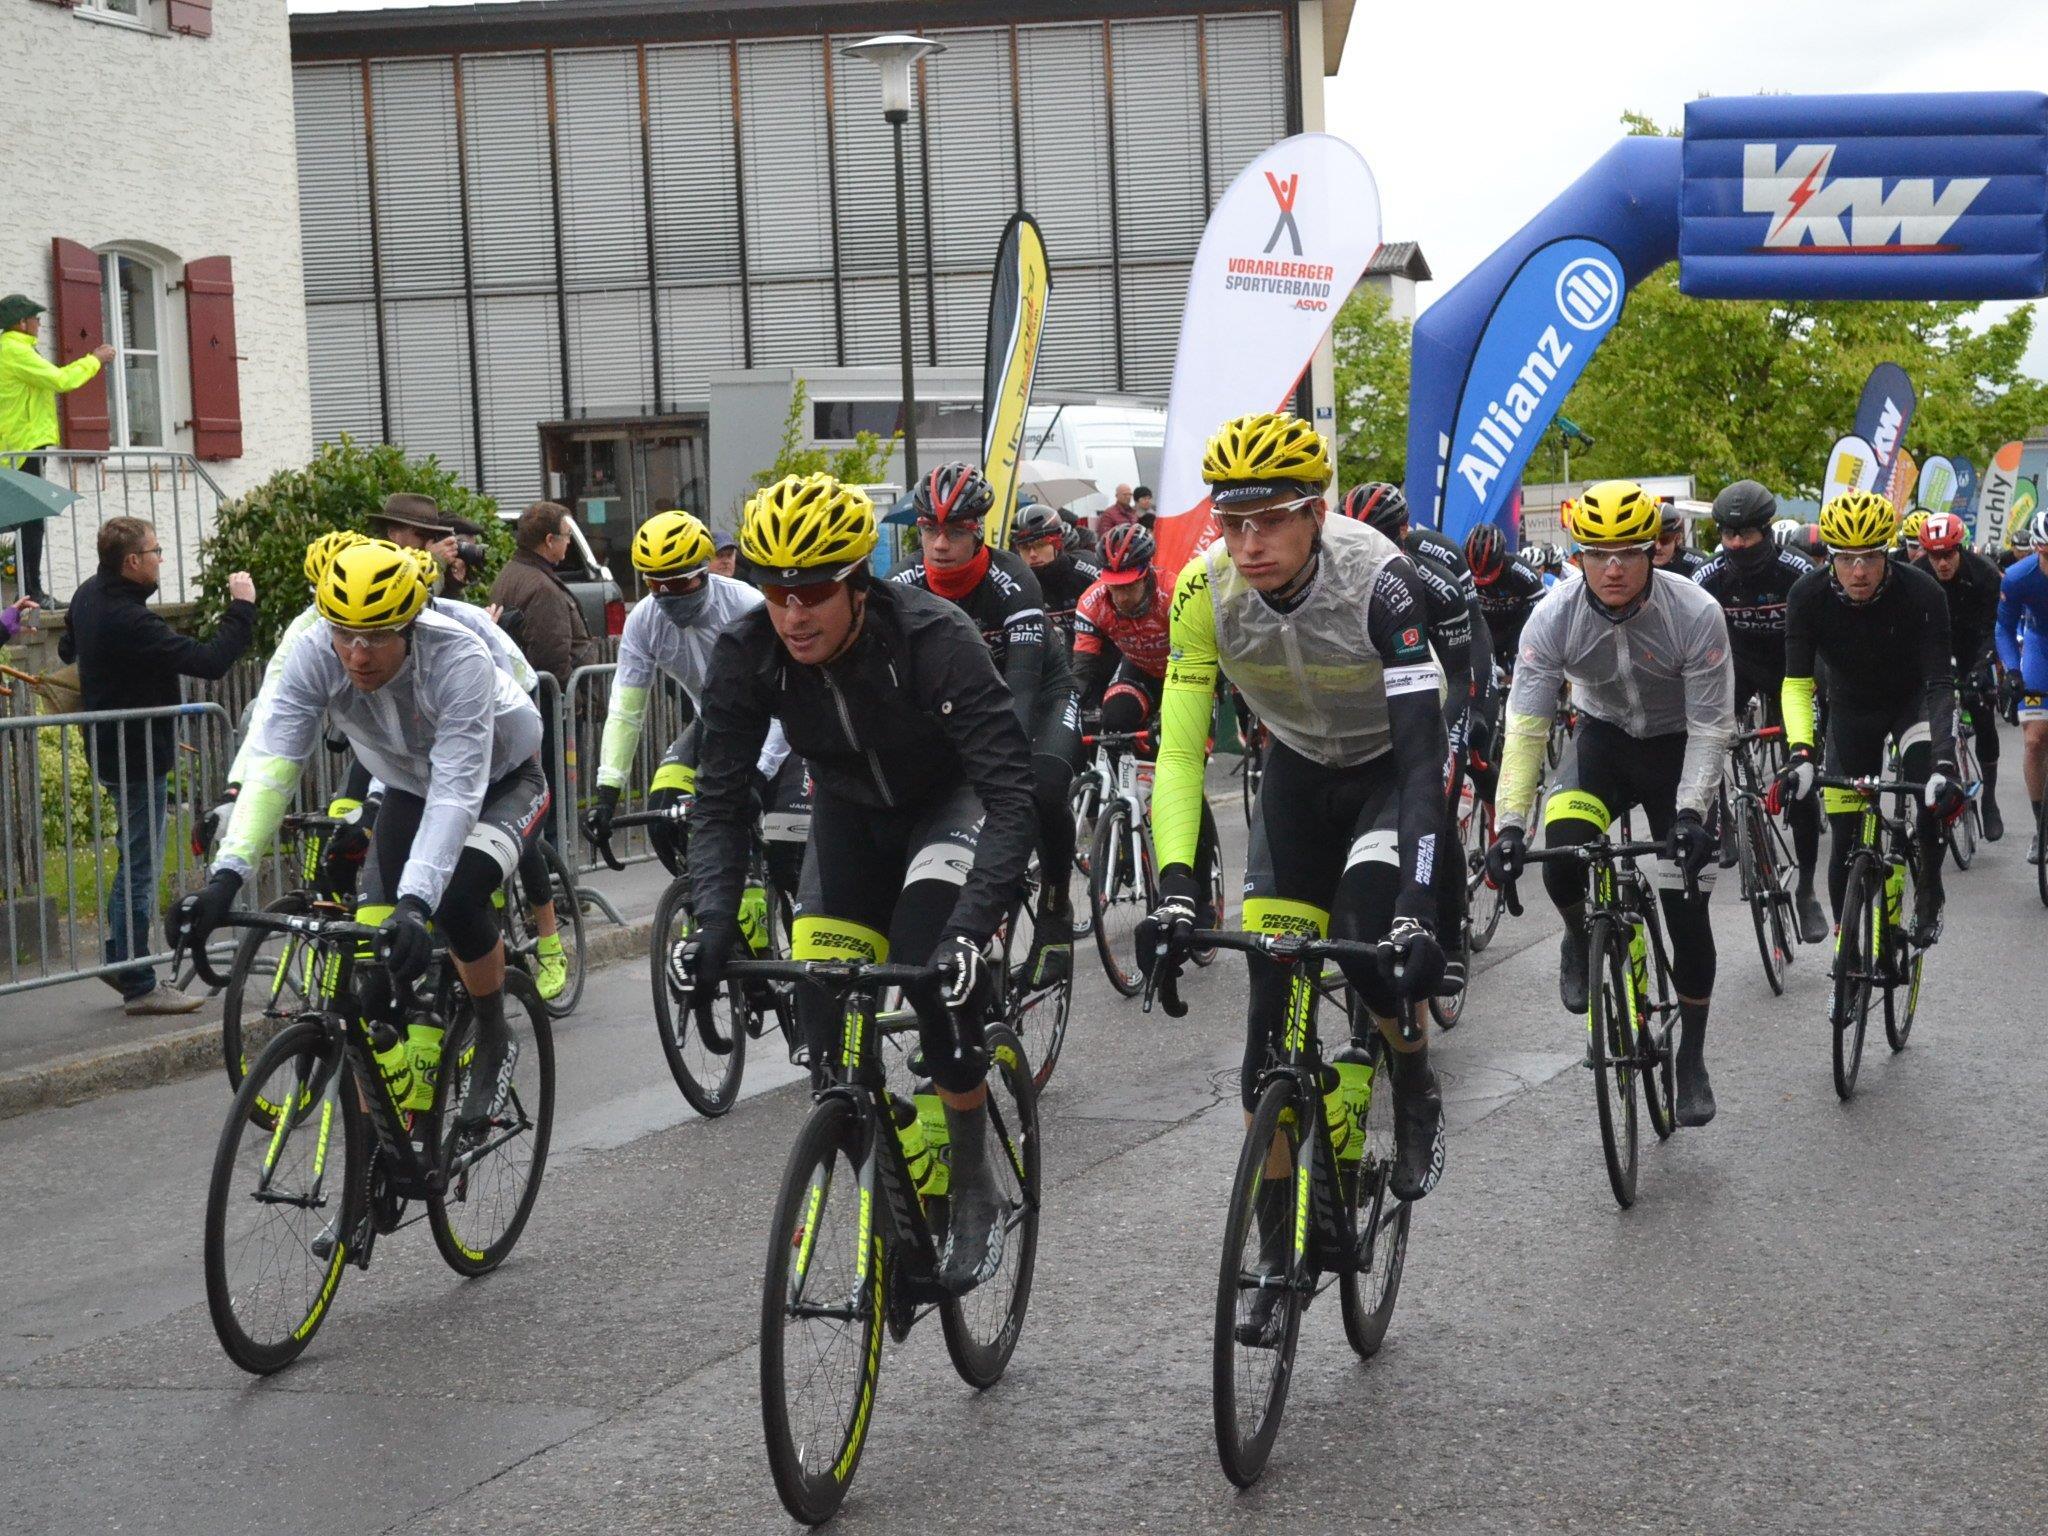 Die Teilnehmer der Rad-Bundesliga hatten mit Wind und frostigen Temperaturen zu kämpfen.